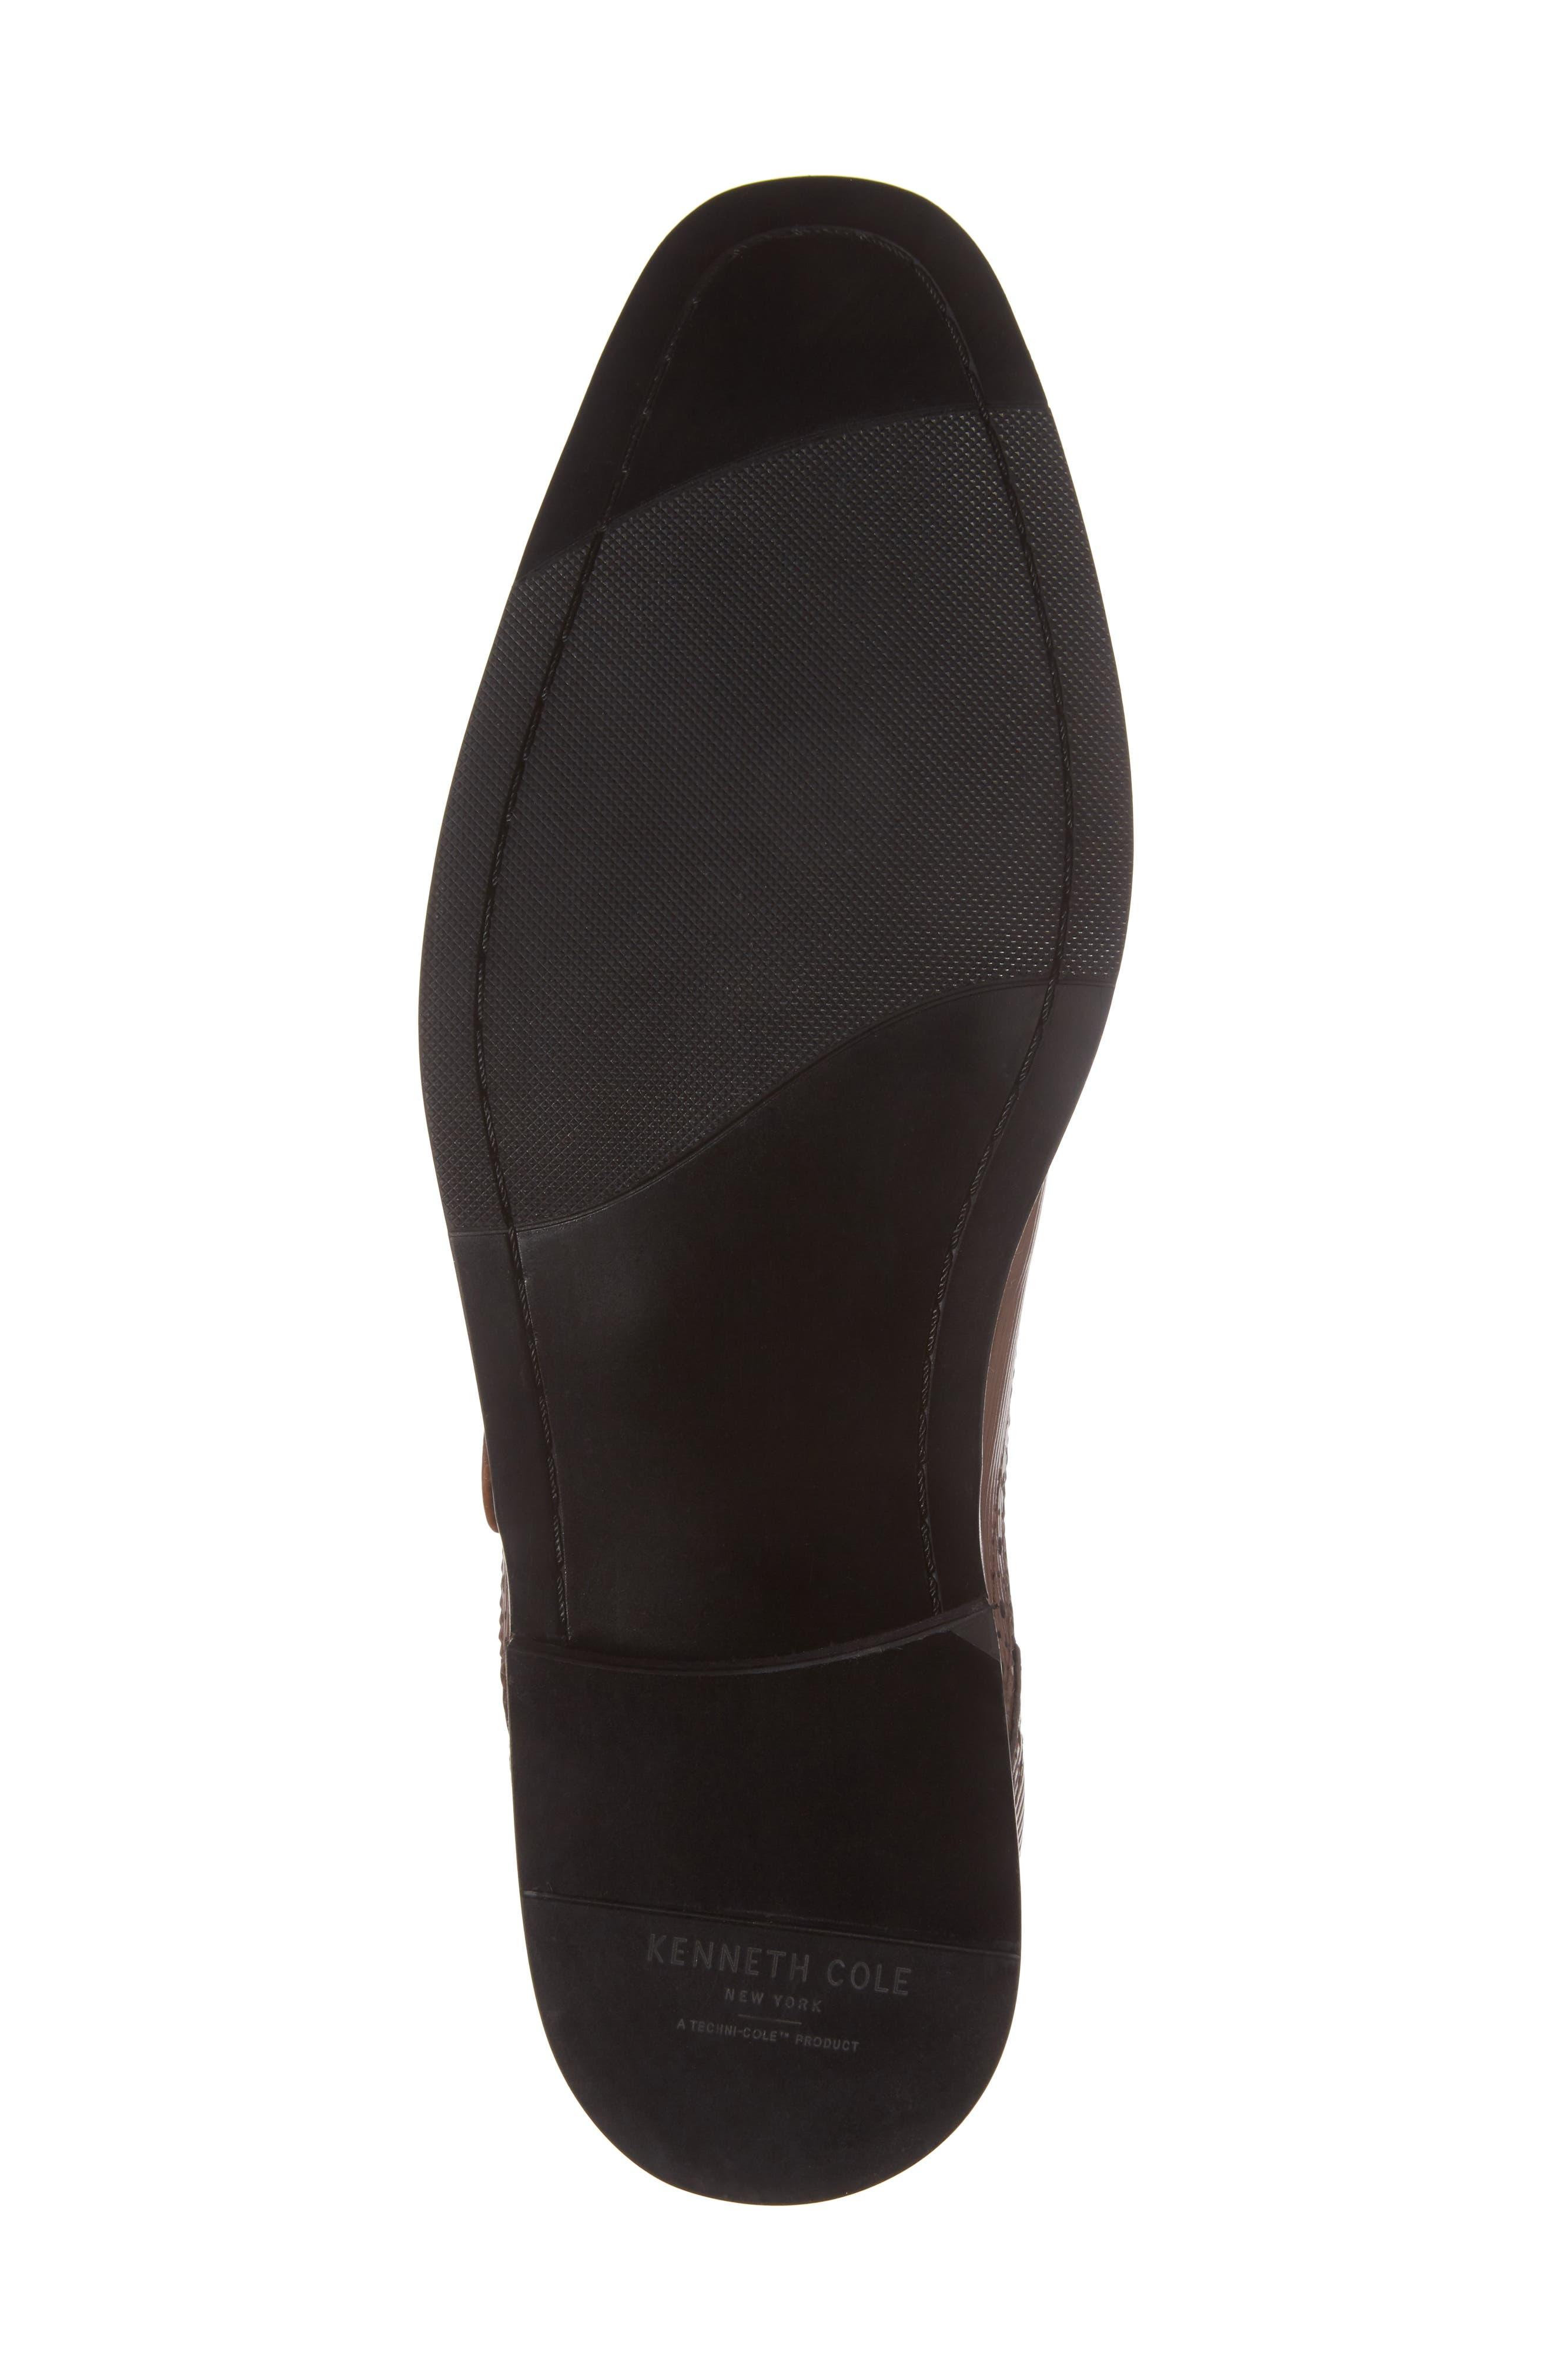 Design Monk Strap Shoe,                             Alternate thumbnail 6, color,                             Cognac Leather